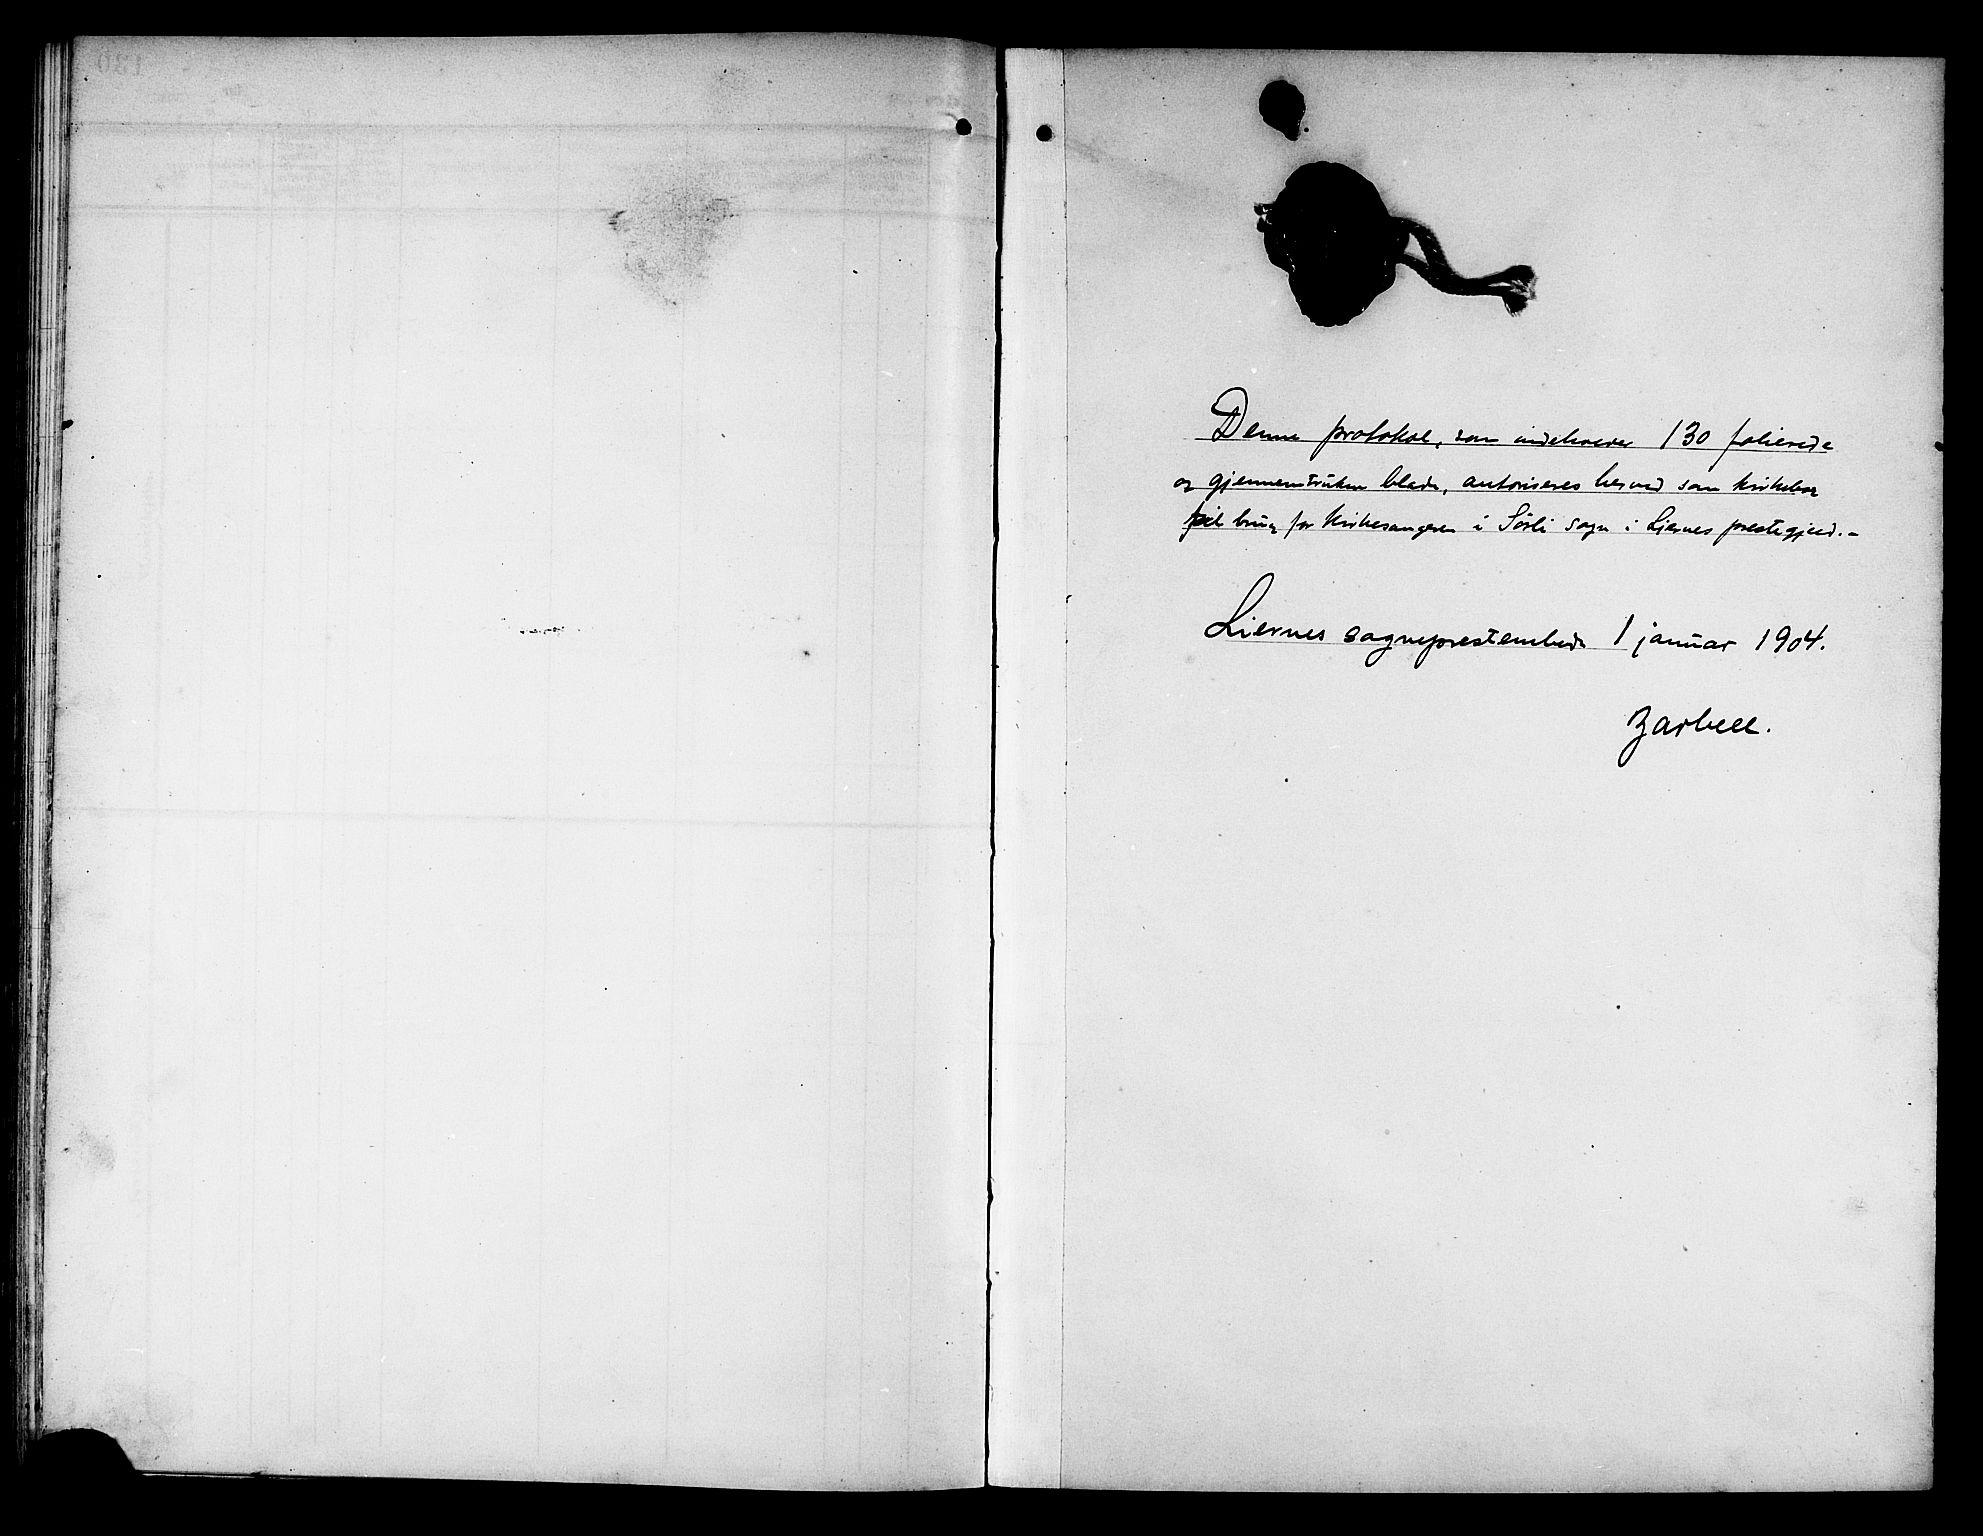 SAT, Ministerialprotokoller, klokkerbøker og fødselsregistre - Nord-Trøndelag, 757/L0506: Klokkerbok nr. 757C01, 1904-1922